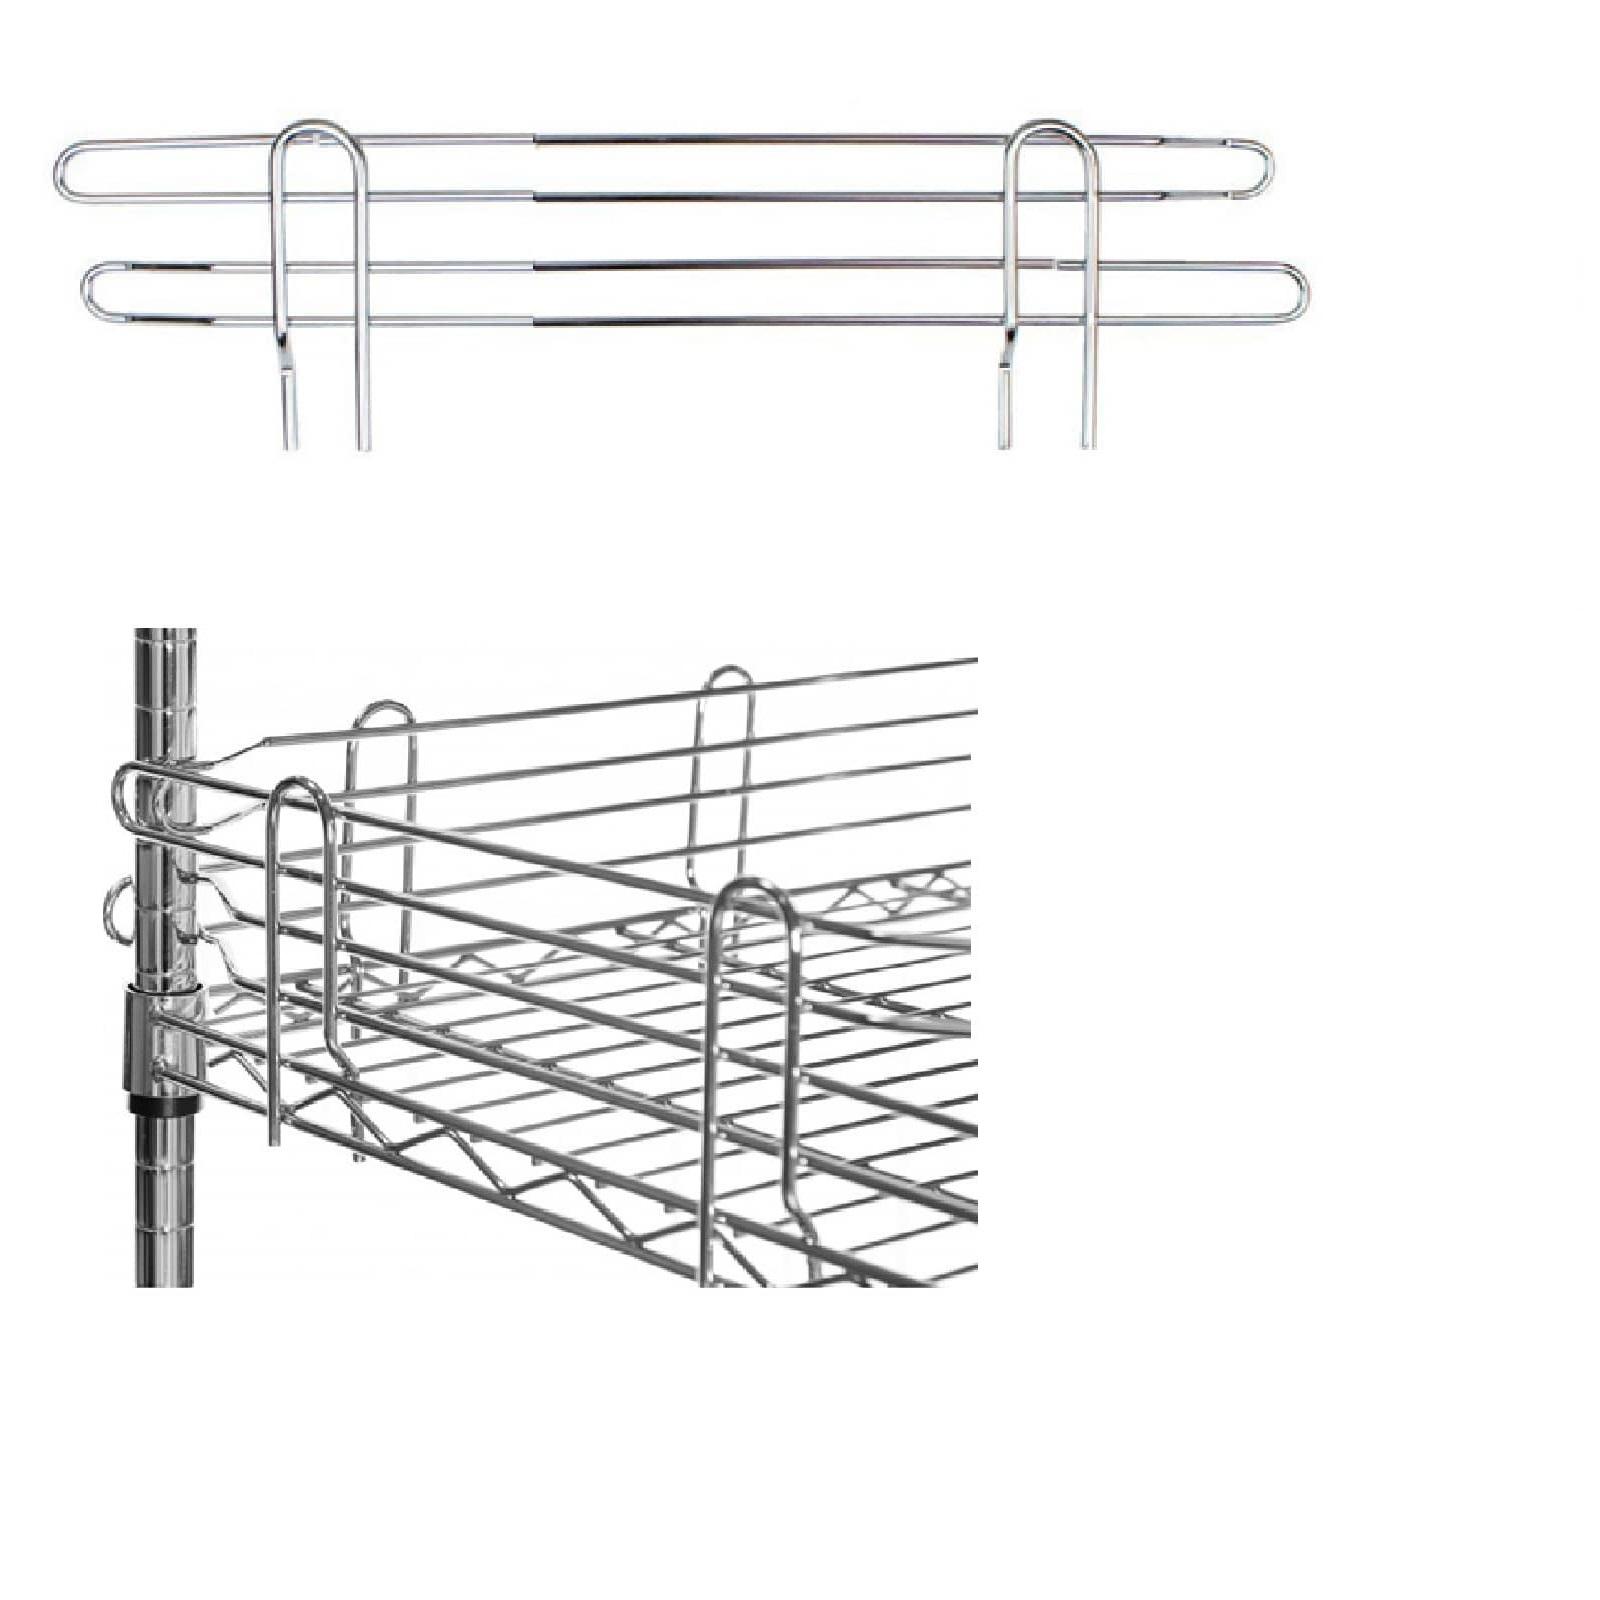 Spondine in acciaio cromato per scaffali e librerie in - Scaffali in acciaio per cucina ...